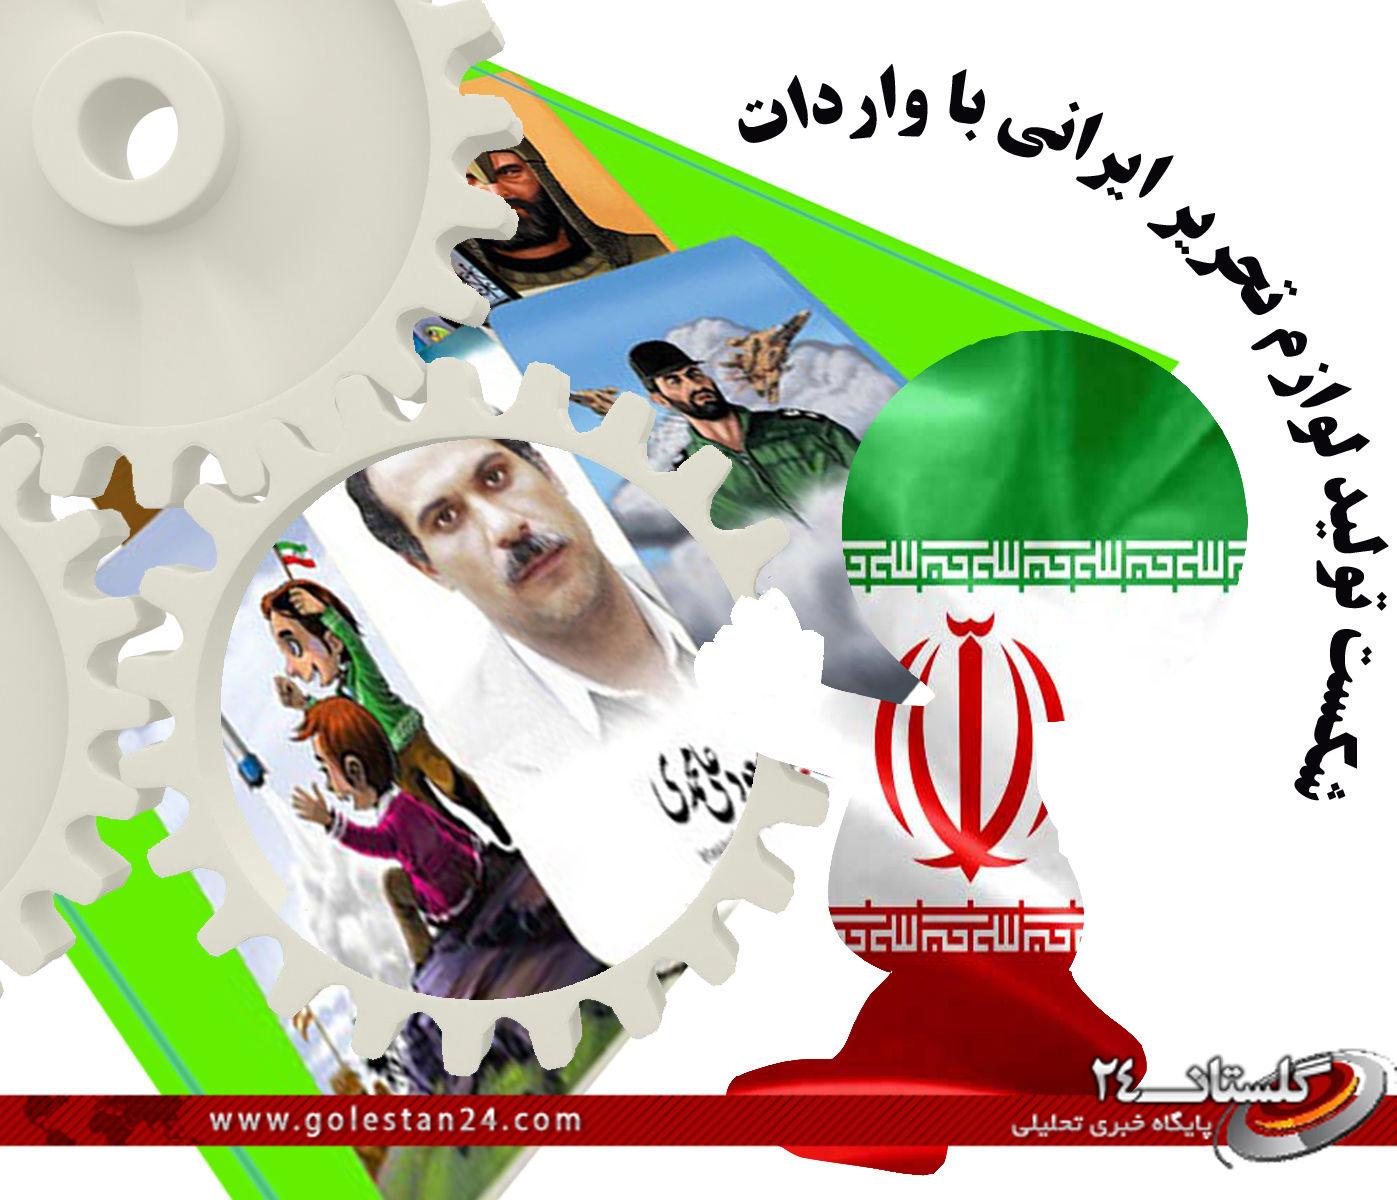 دفاتر طرح ایرانی و اسلامی